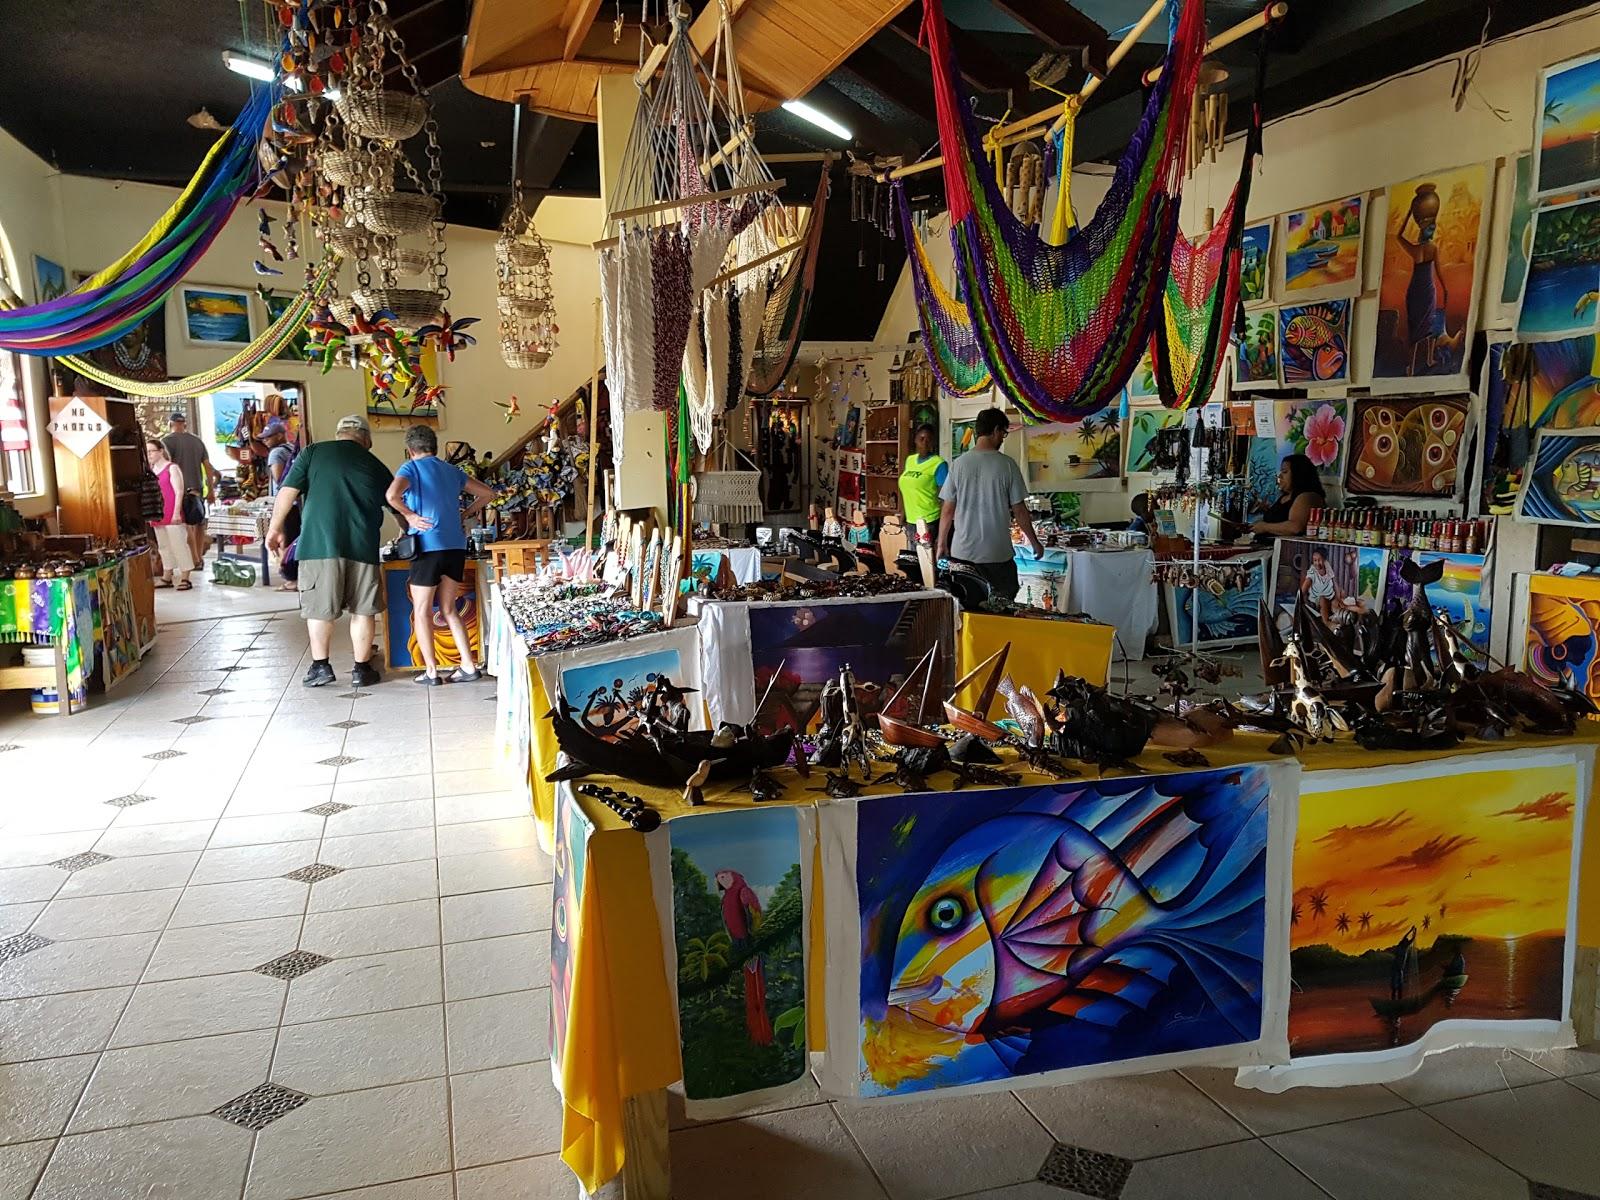 Visit GariMaya Gift Shop on your trip to Hopkins